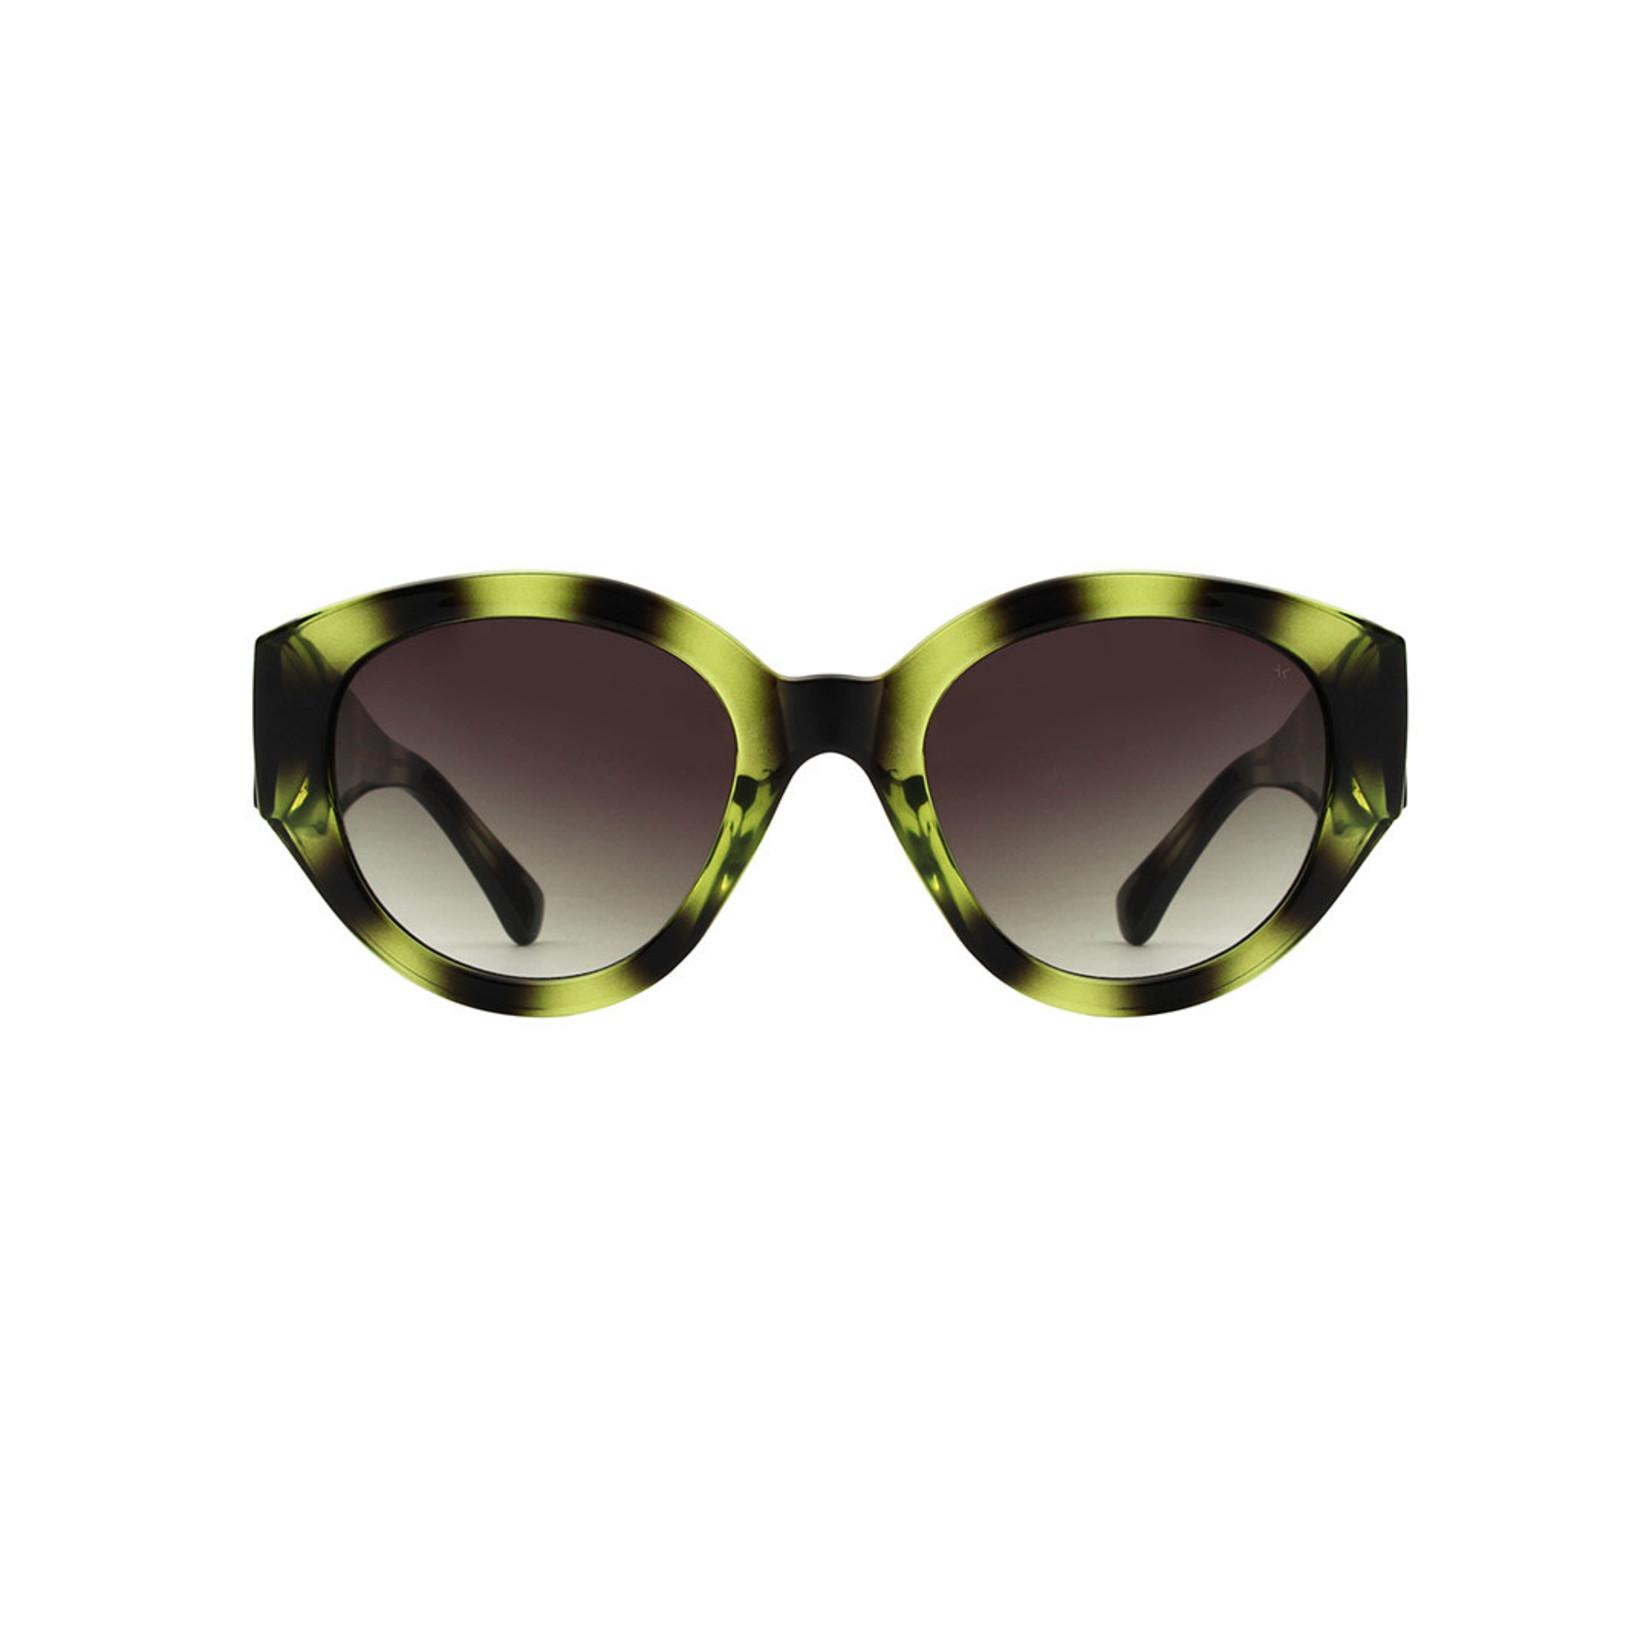 Kjearbede Kjearbede zonnebril Big Winnie Demi Olive / KL2105-002